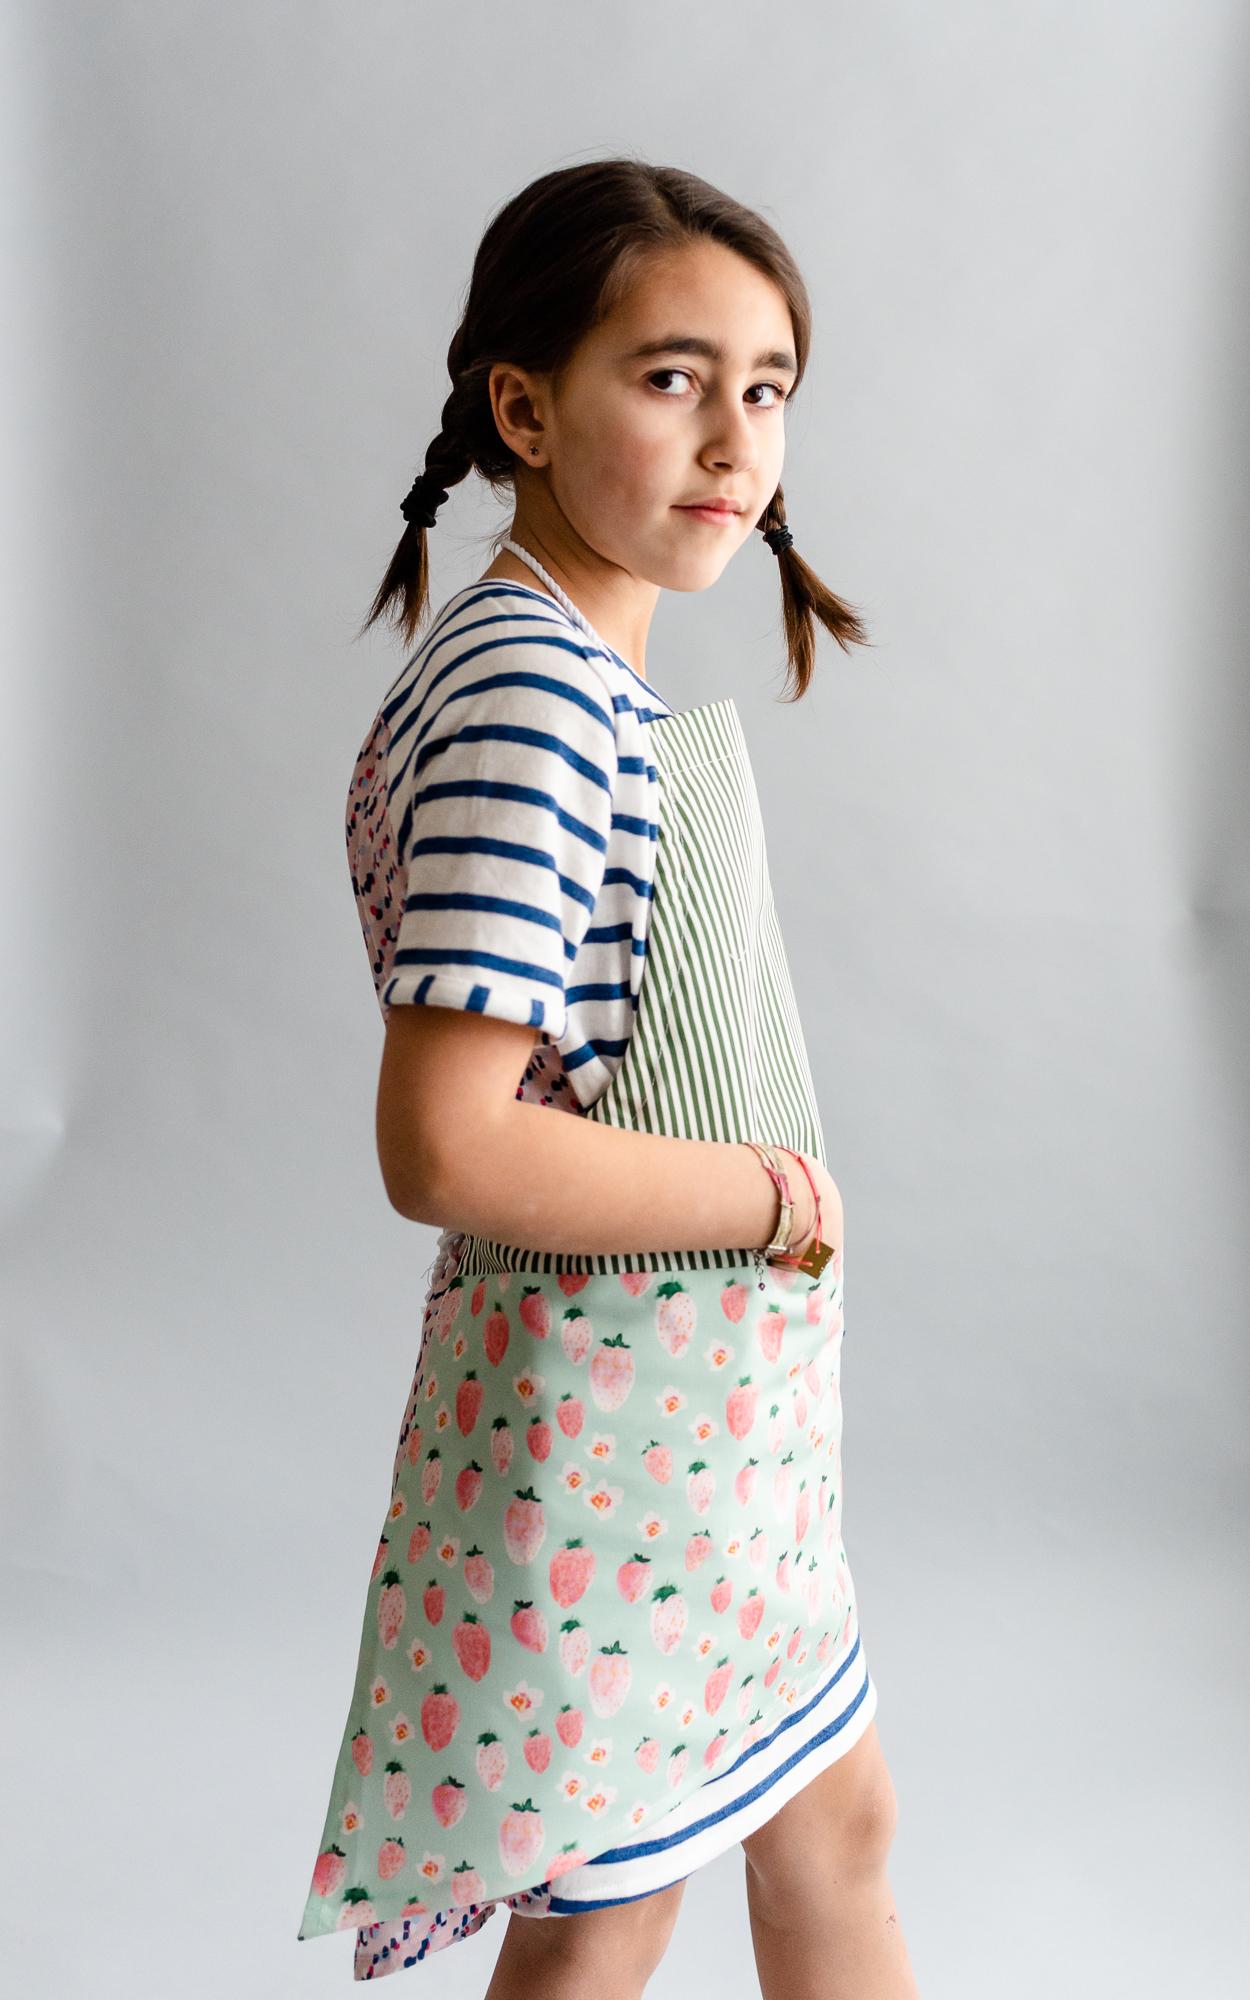 prp-kids=clothing-sewing-patterns07.jpg